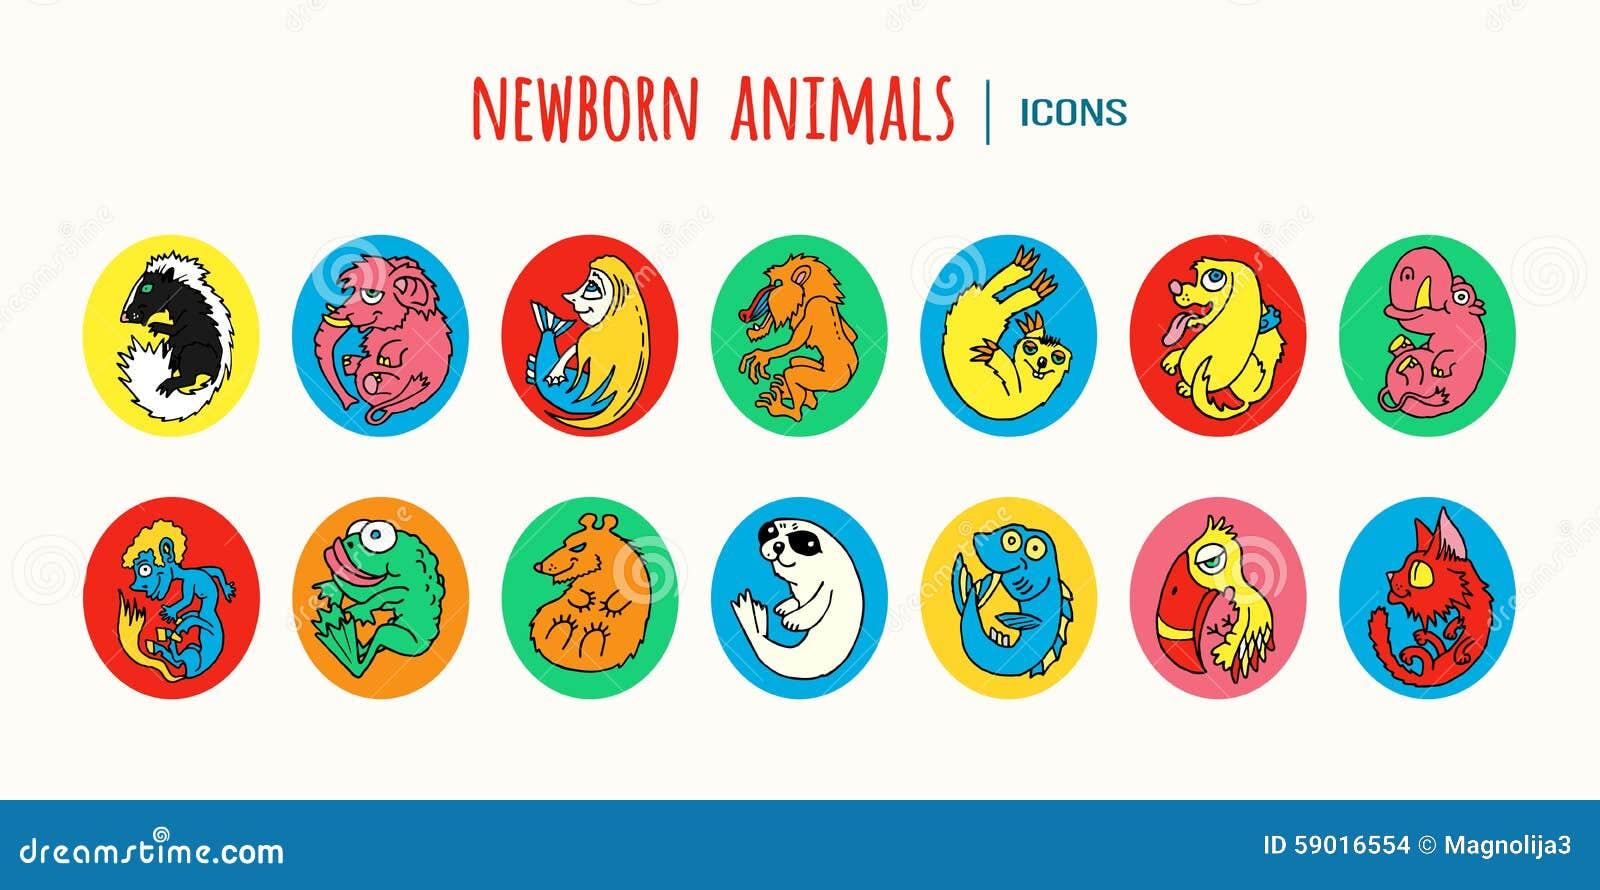 Zoológico De Animais Bebê Dos Desenhos Animados Vetor: Desenhos Animados Vetores Coloridos Animais Dos Animais